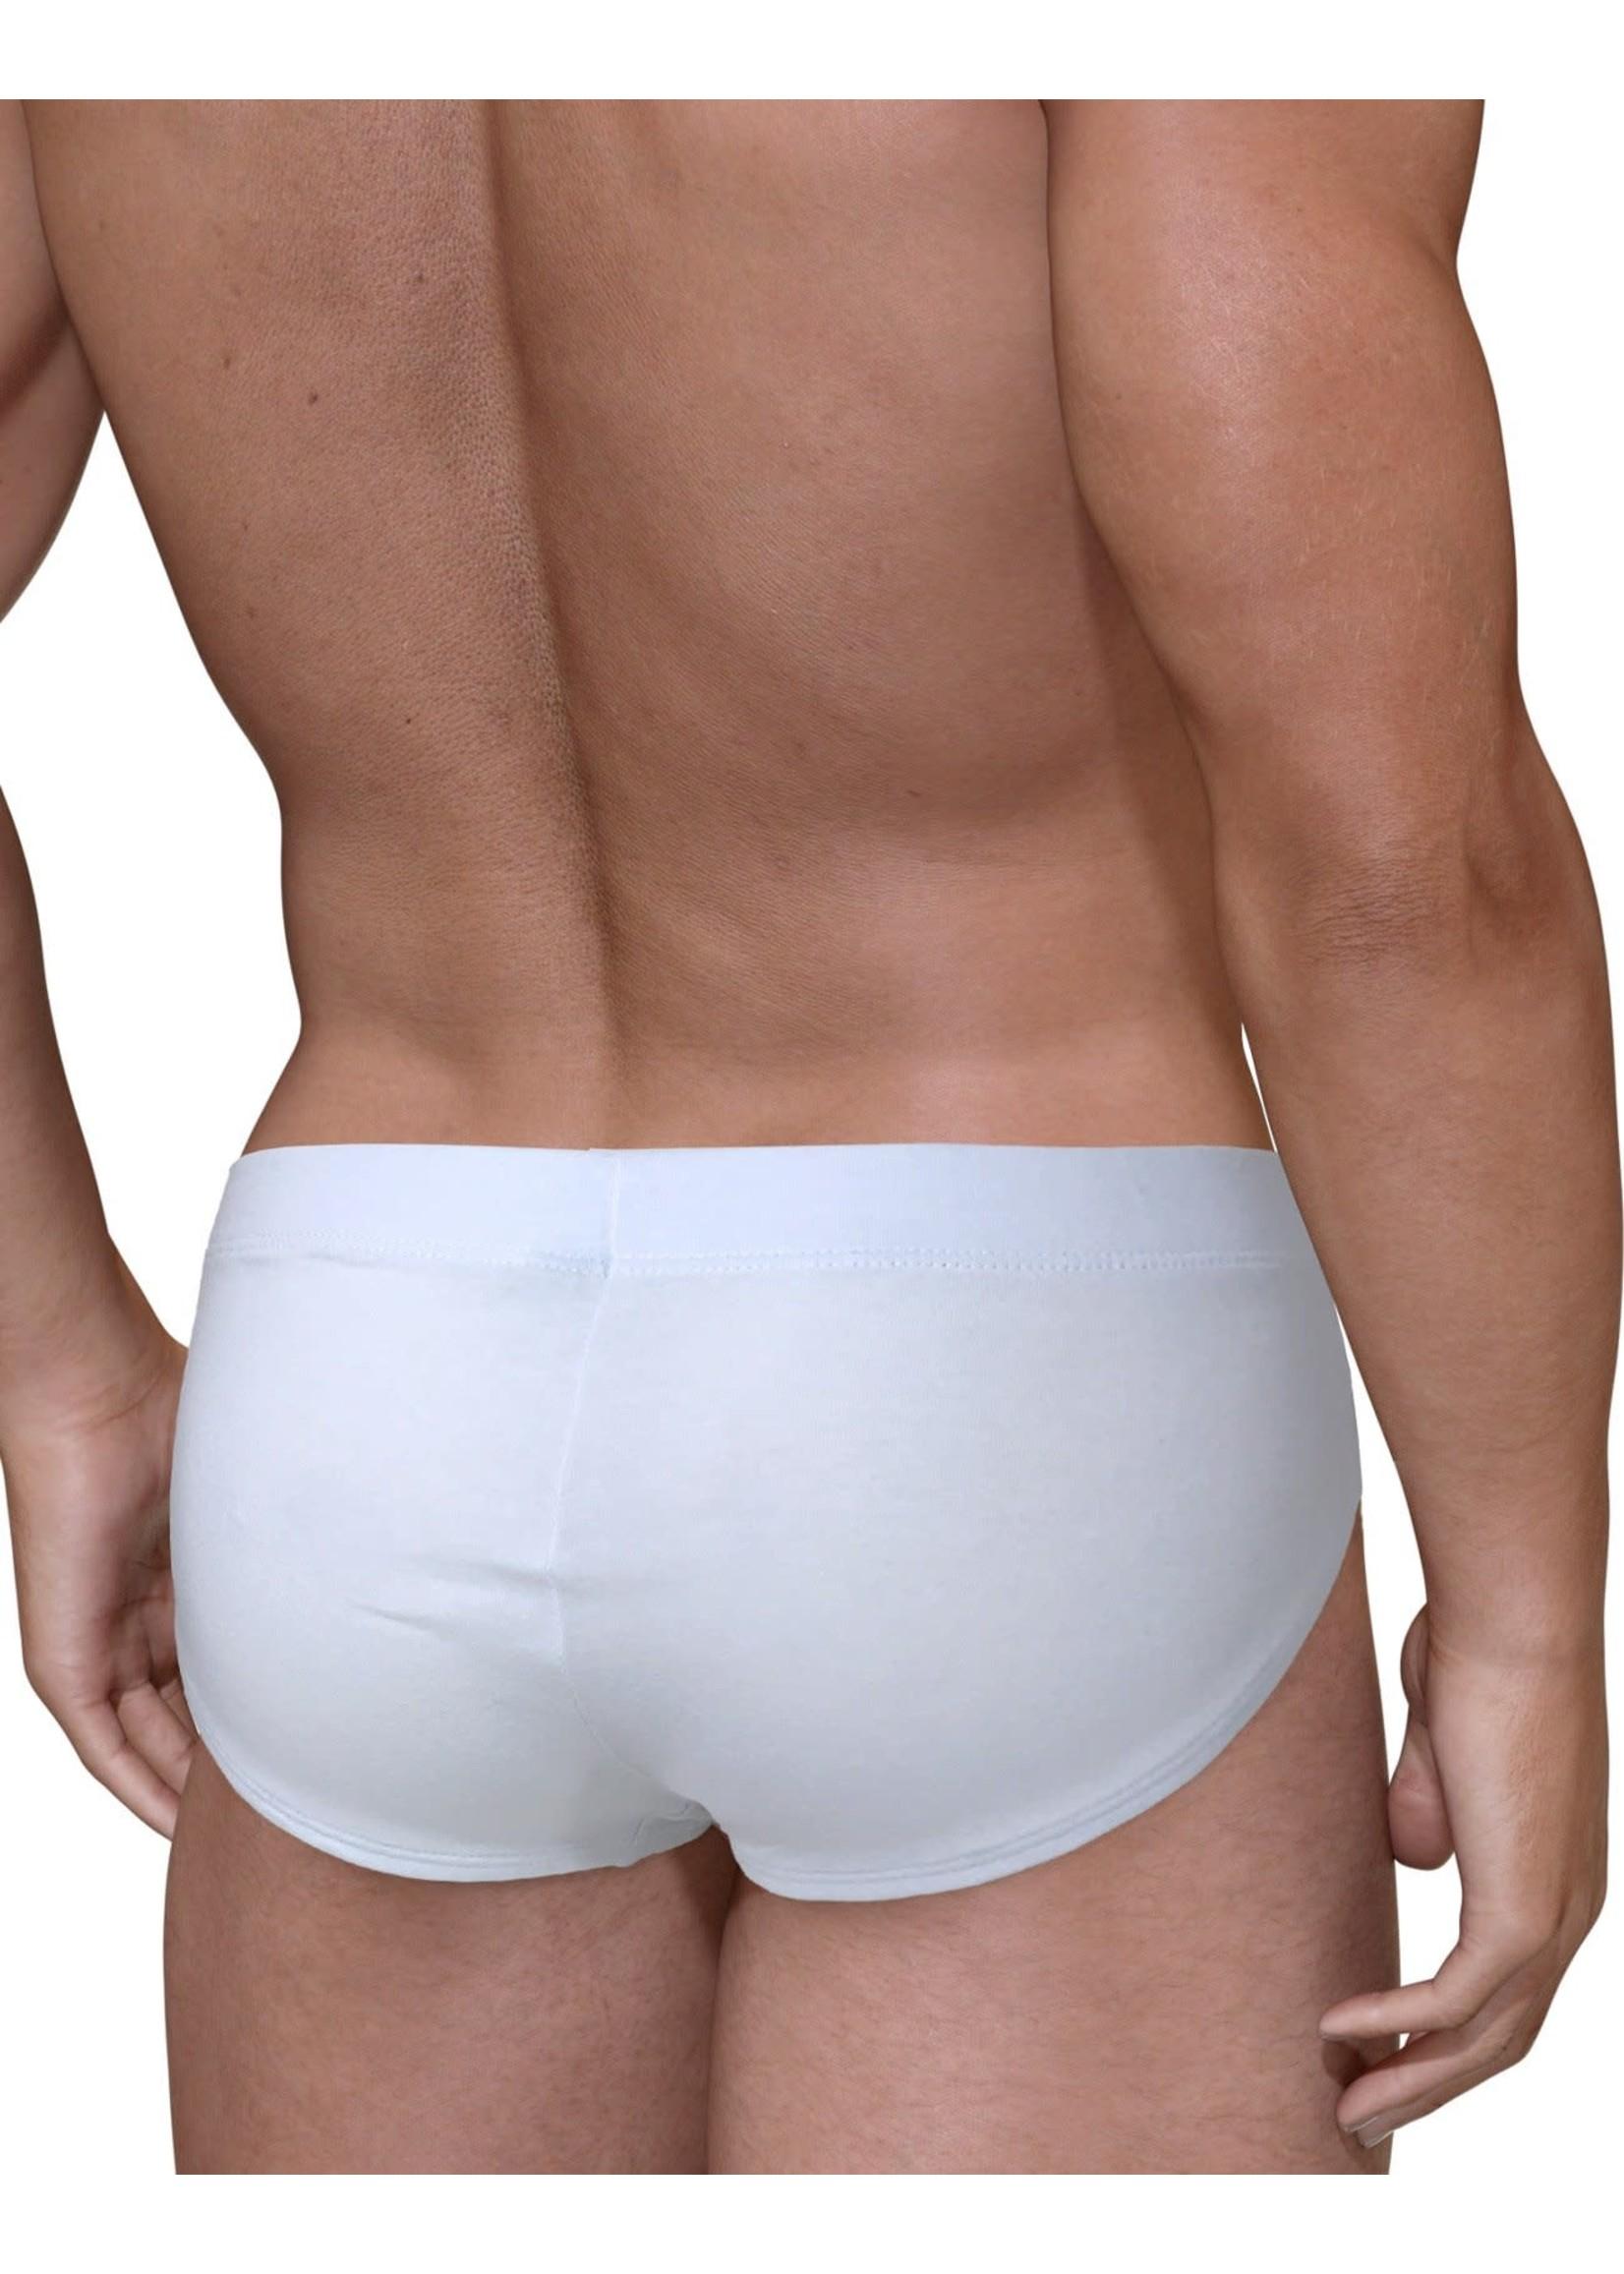 WildmanT WildmanT Big Boy Pouch Bikini Brief